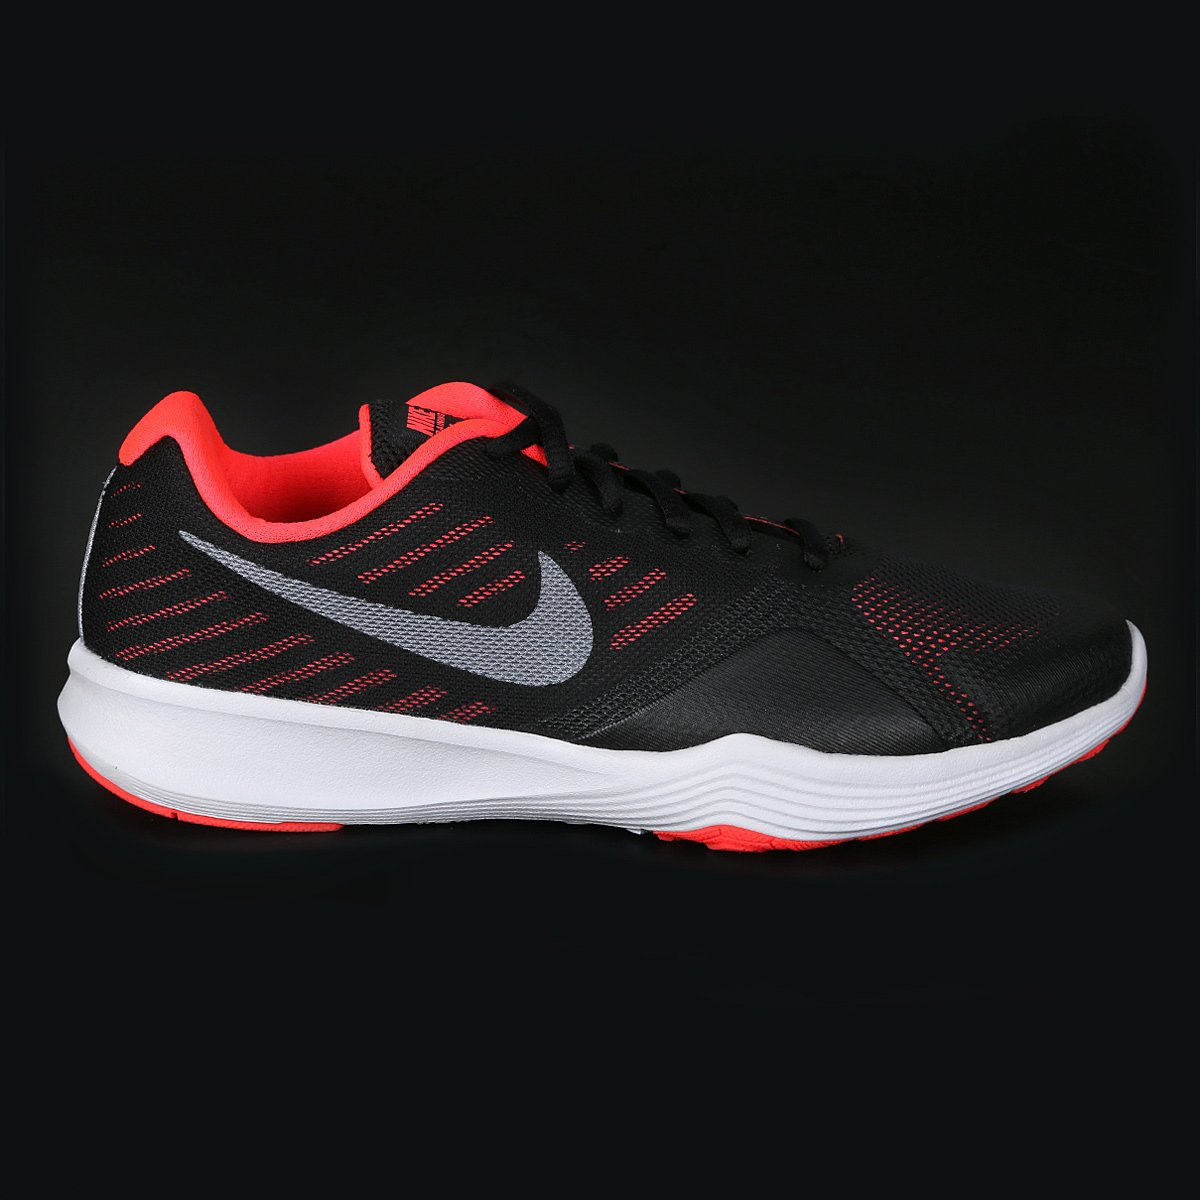 ... Tênis Nike City Trainer Feminino - Preto e Cinza - Compre Agora ...  d52e95f664b6b0 . ... 73d1dab0b6a48